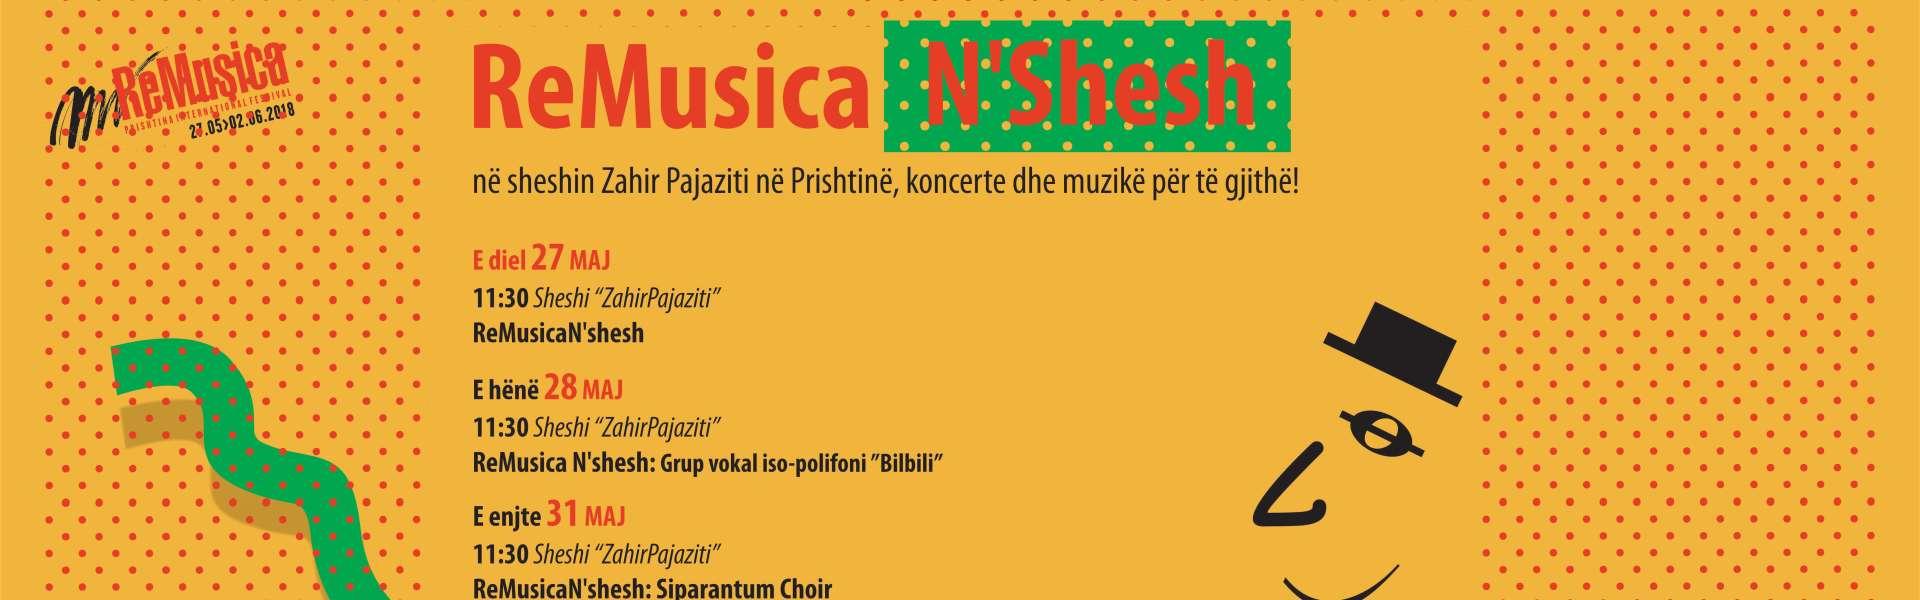 ReMusica N'Shesh